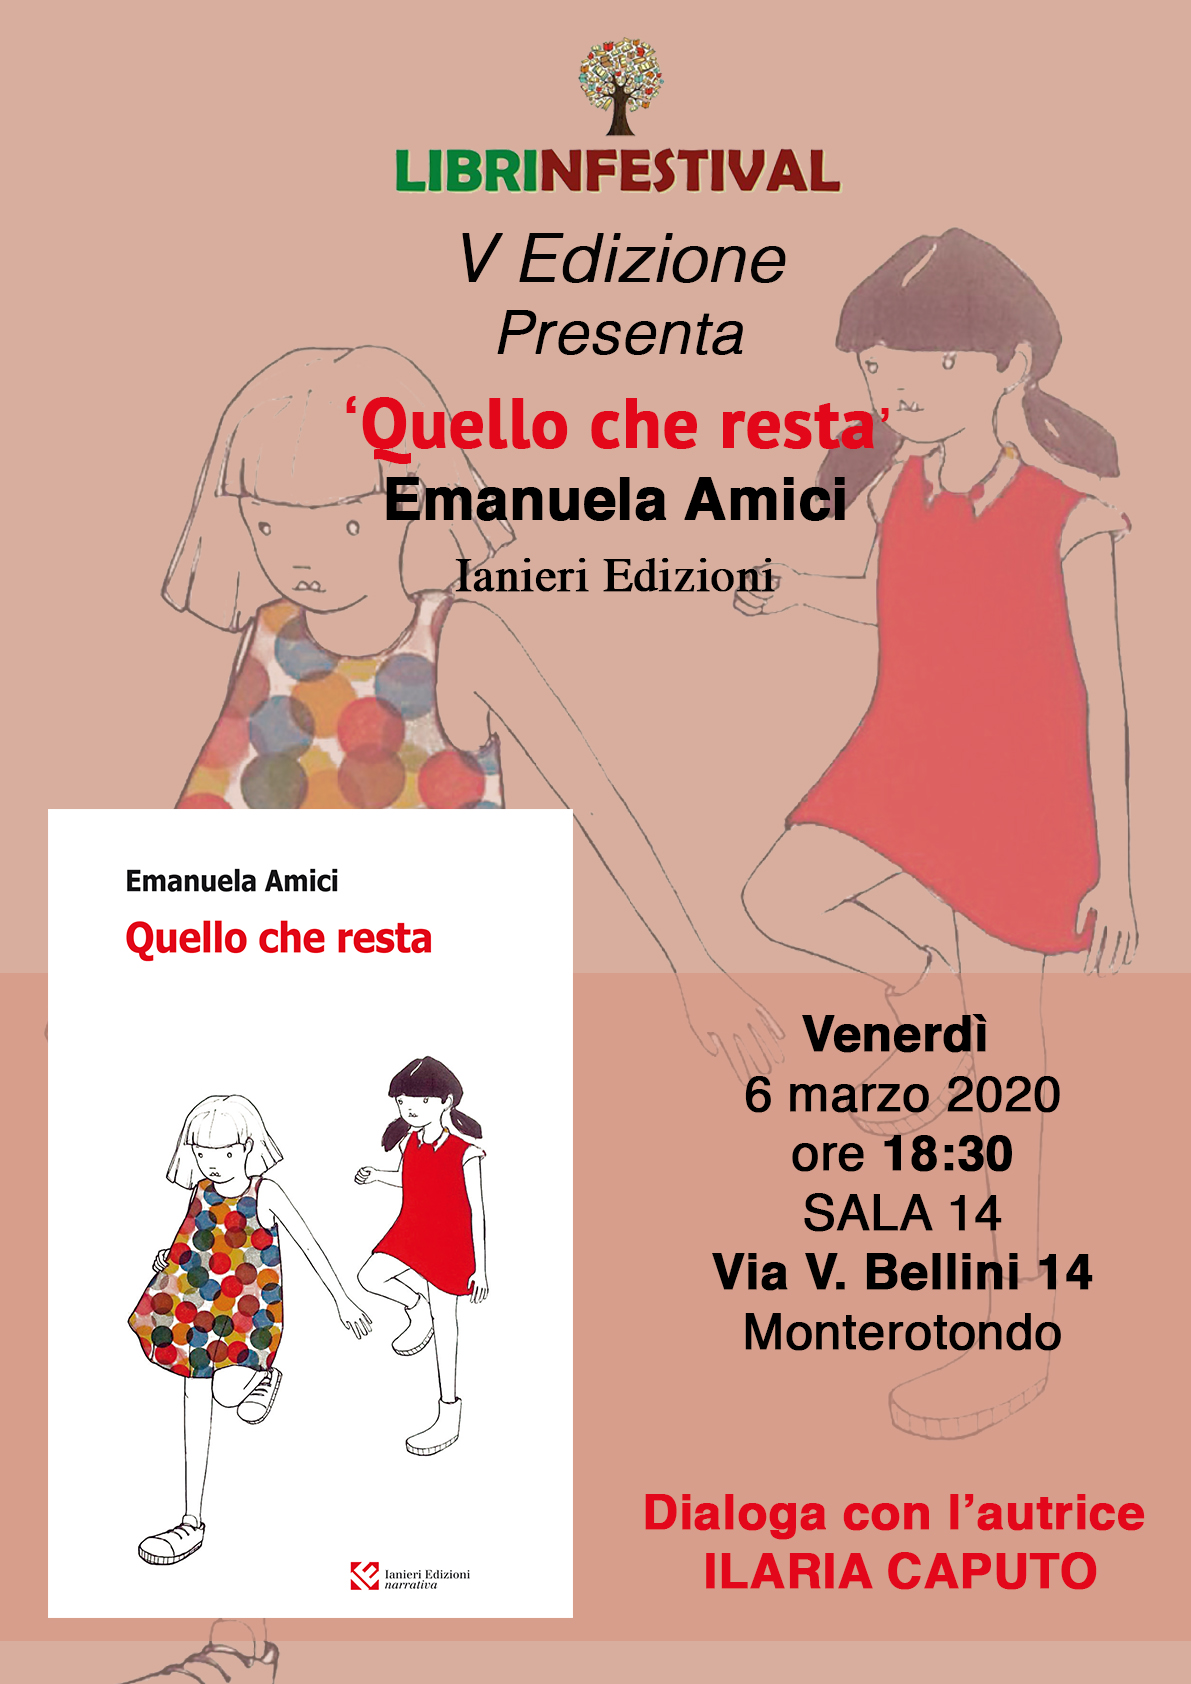 Quello che resta, Emanuela Amici, Ianieri Edizioni, #Librinfestival5edizione